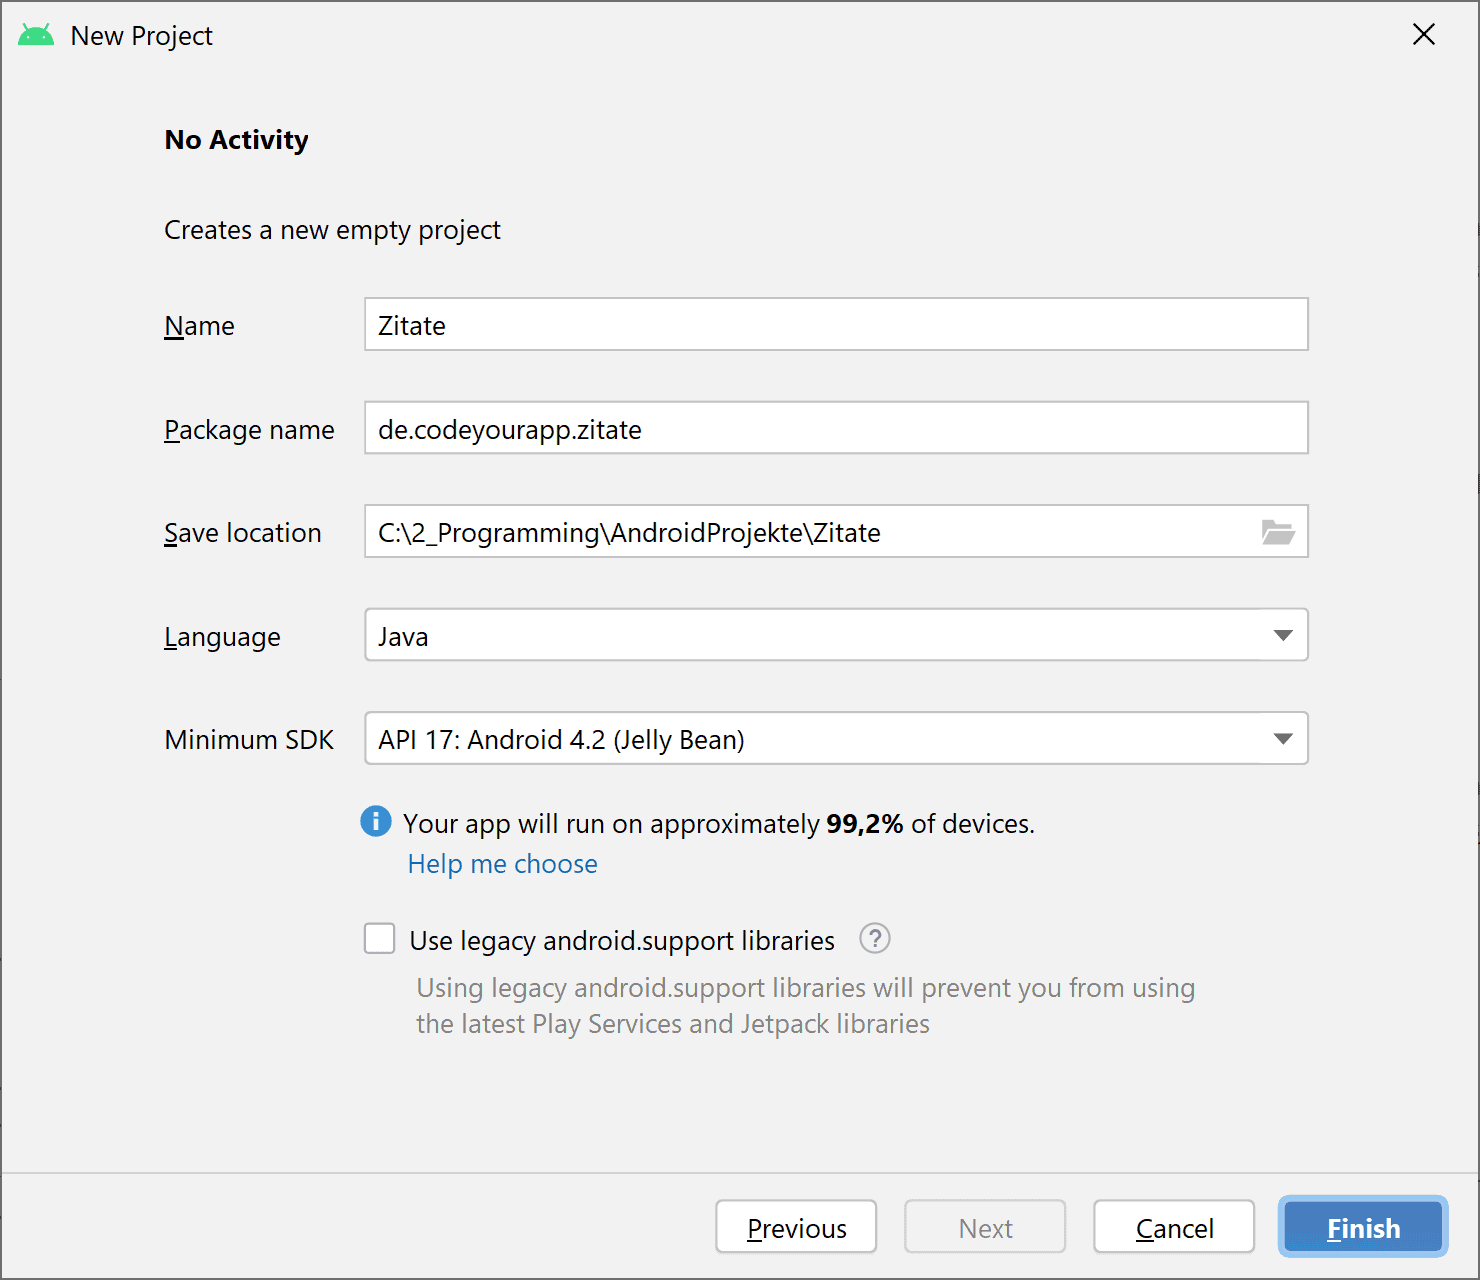 neues_projekt_konfigurieren_2e